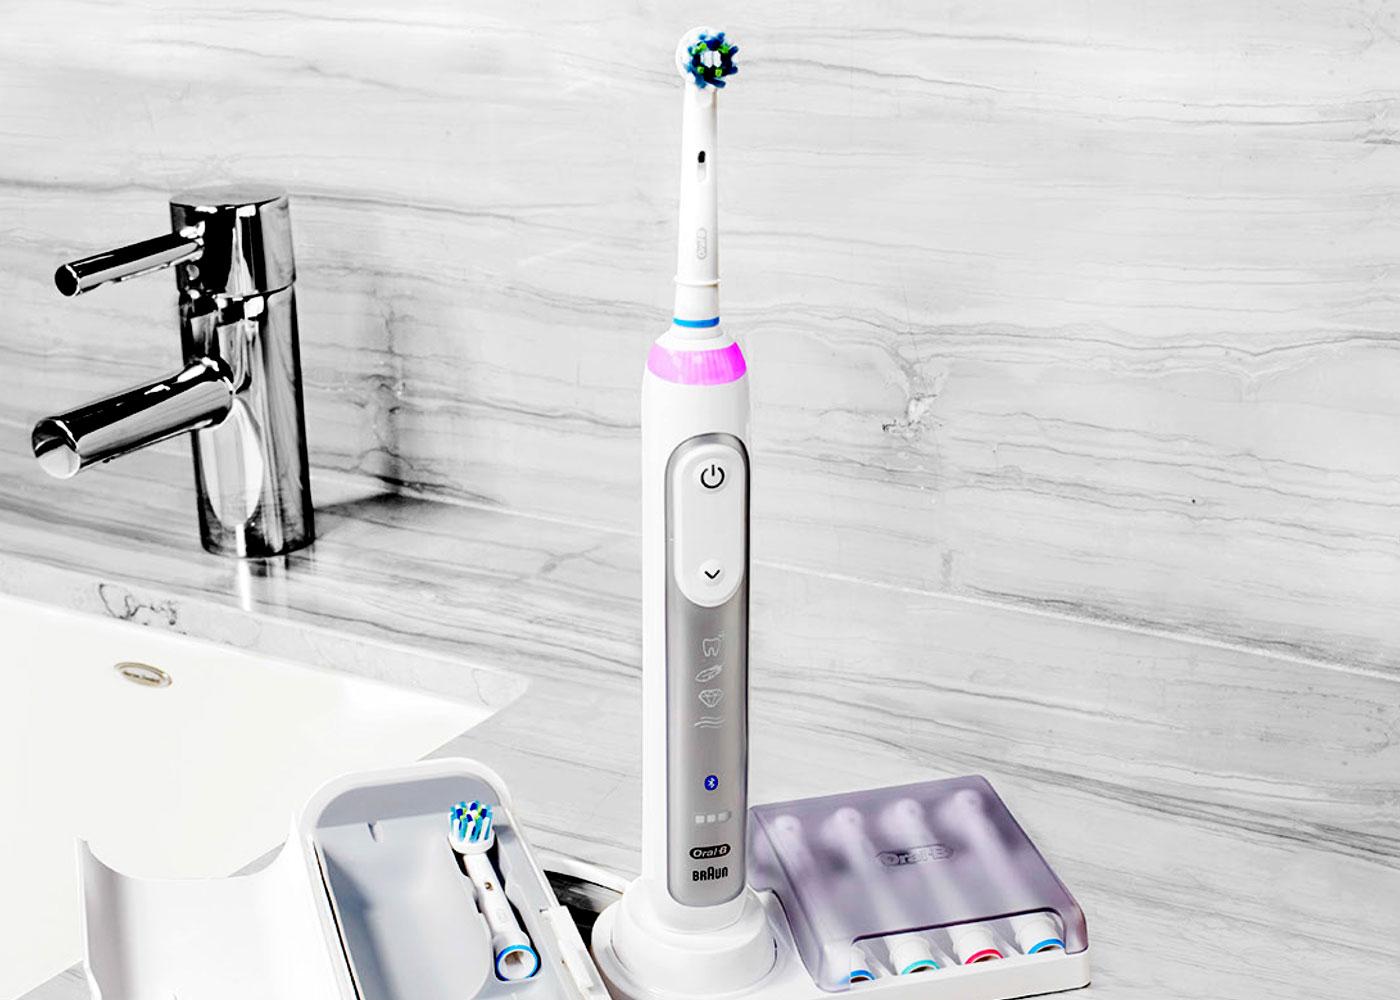 Oral-B Genius: Neue Smart-Zahnbürste nutzt Smartphone-Sensoren zum Putz-Tracking